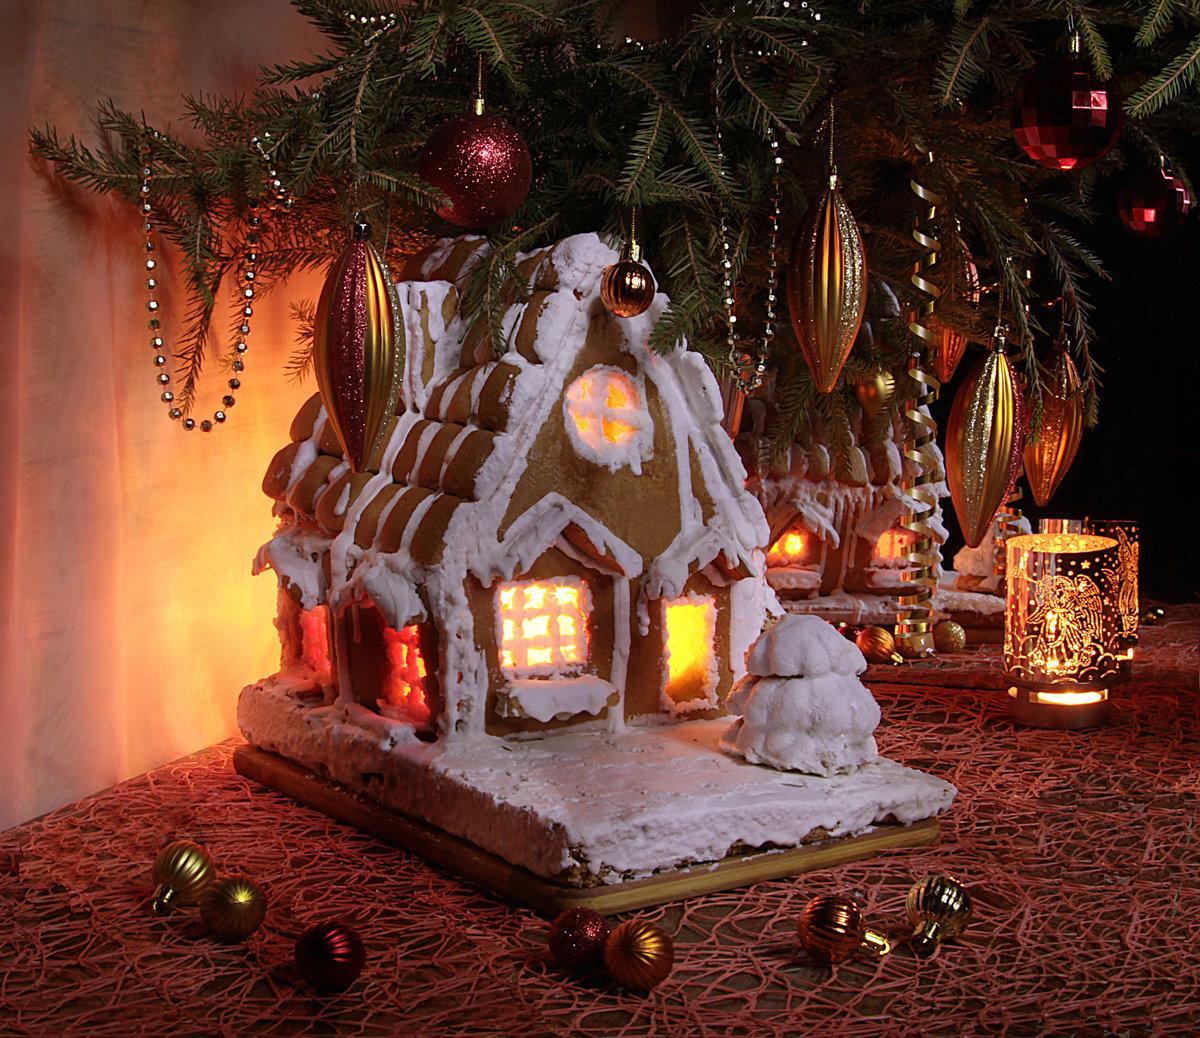 оформление лесного домика новогоднее фото плюсы минусы